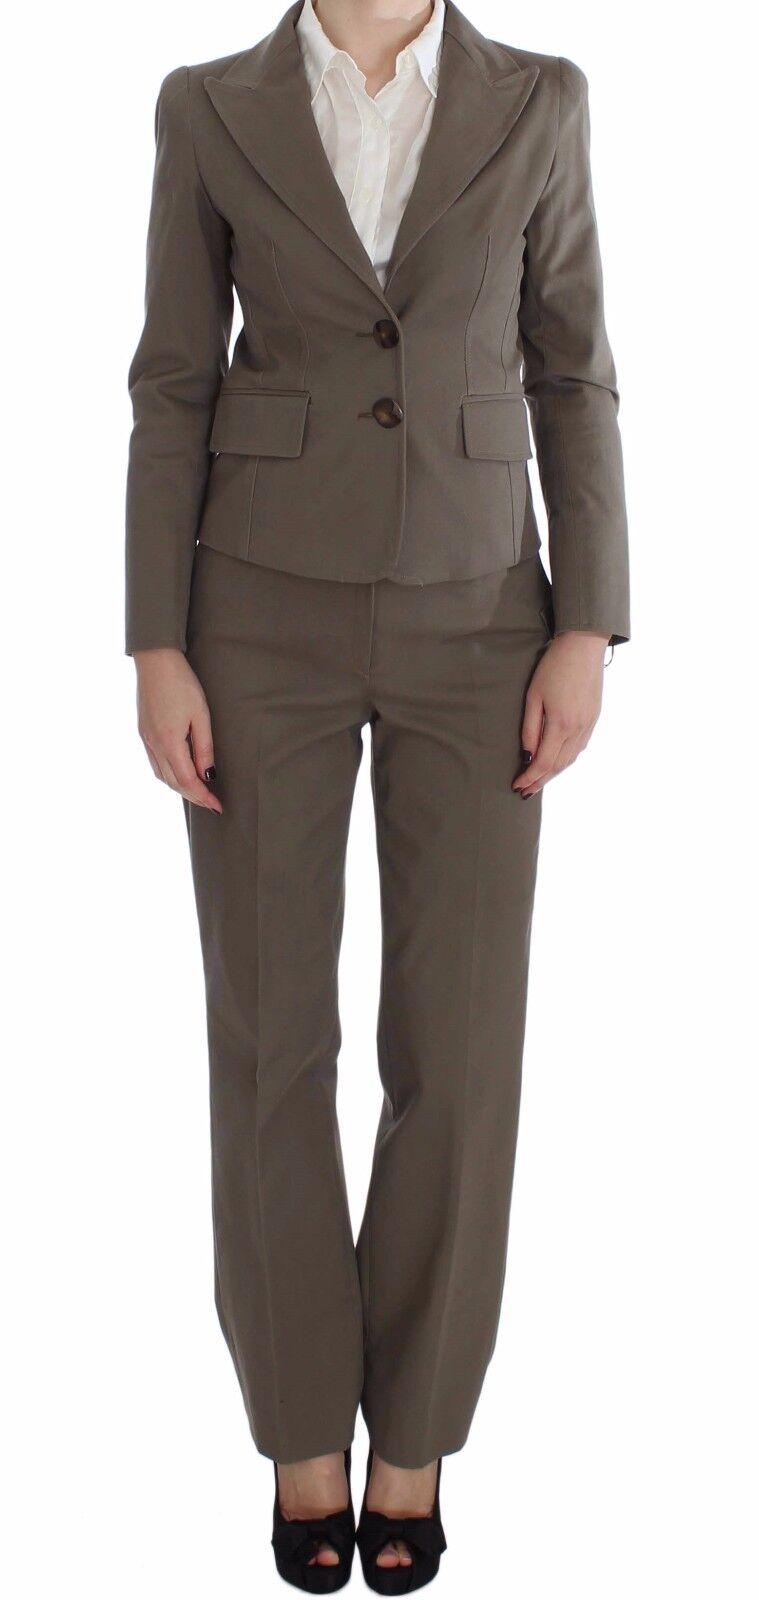 NEW  660 BENCIVENGA Suit Blazer Pants Set Beige Wool Cotton s. IT40   US6   S